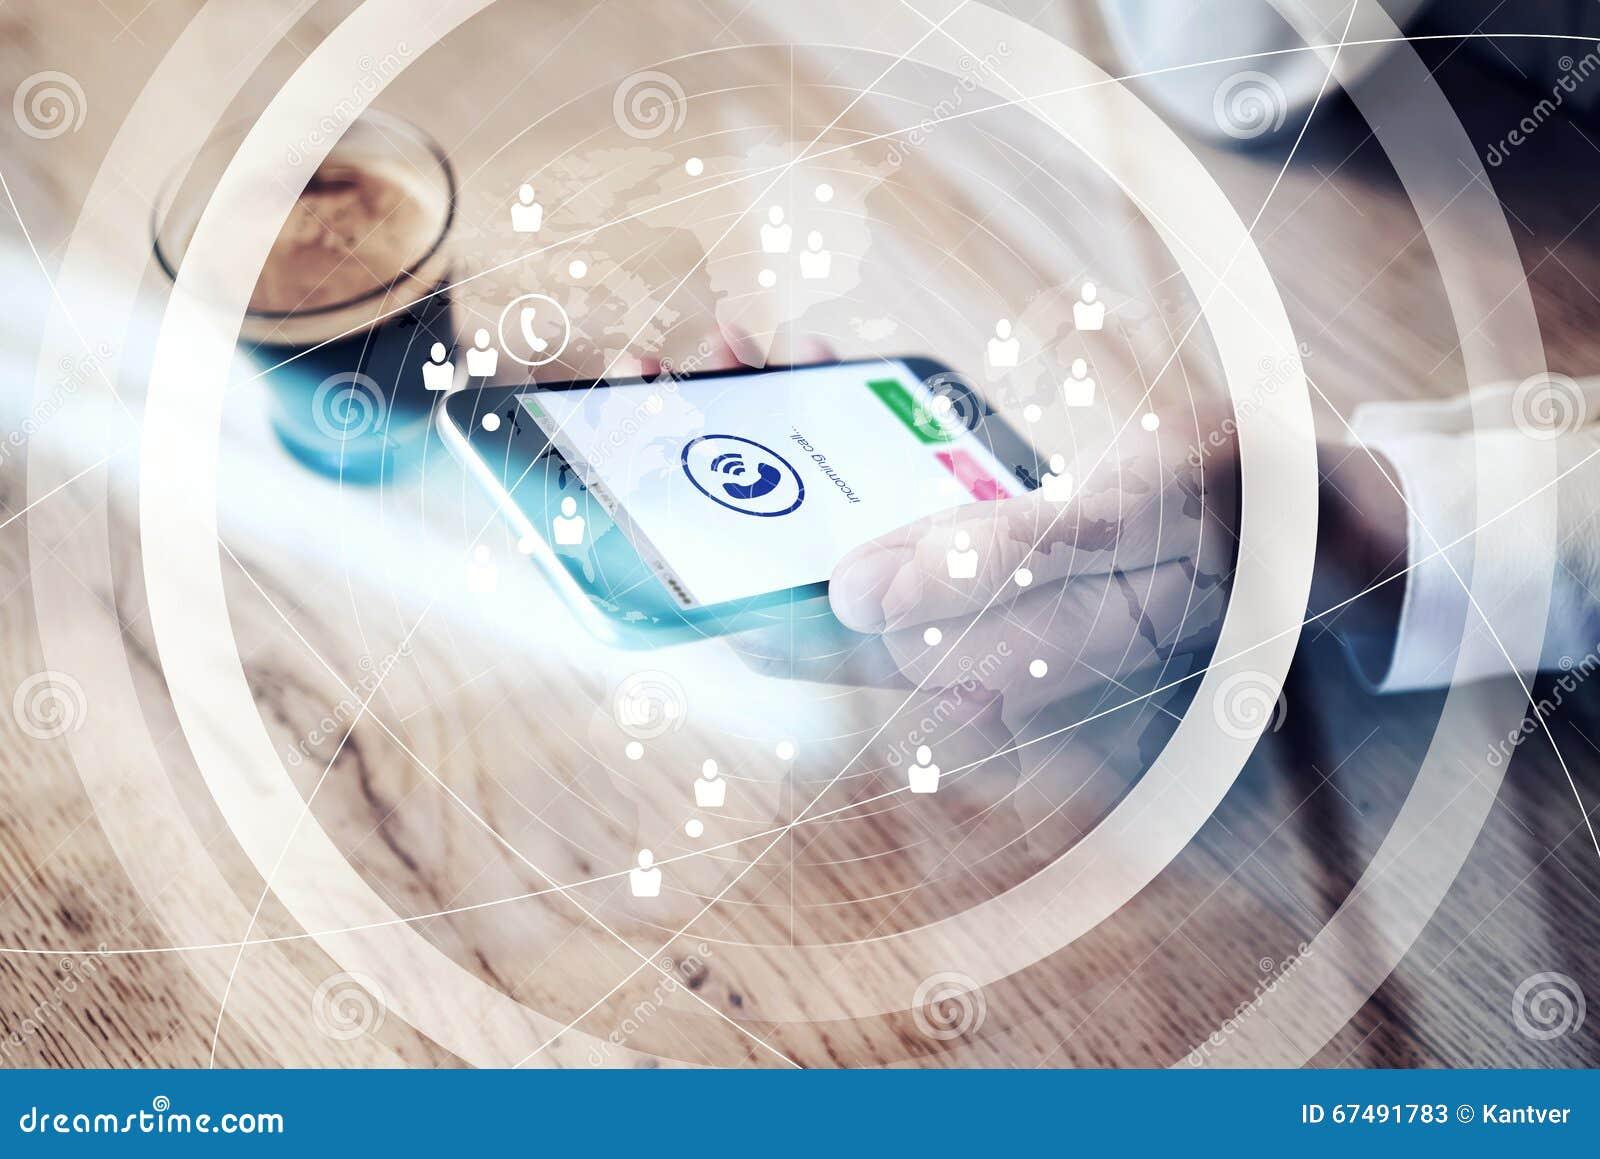 Zamyka up rodzajowy projekta smartphone z przybywającego wezwania ikonami trzyma w żeńskiej ręce Sieć światowy interfejs